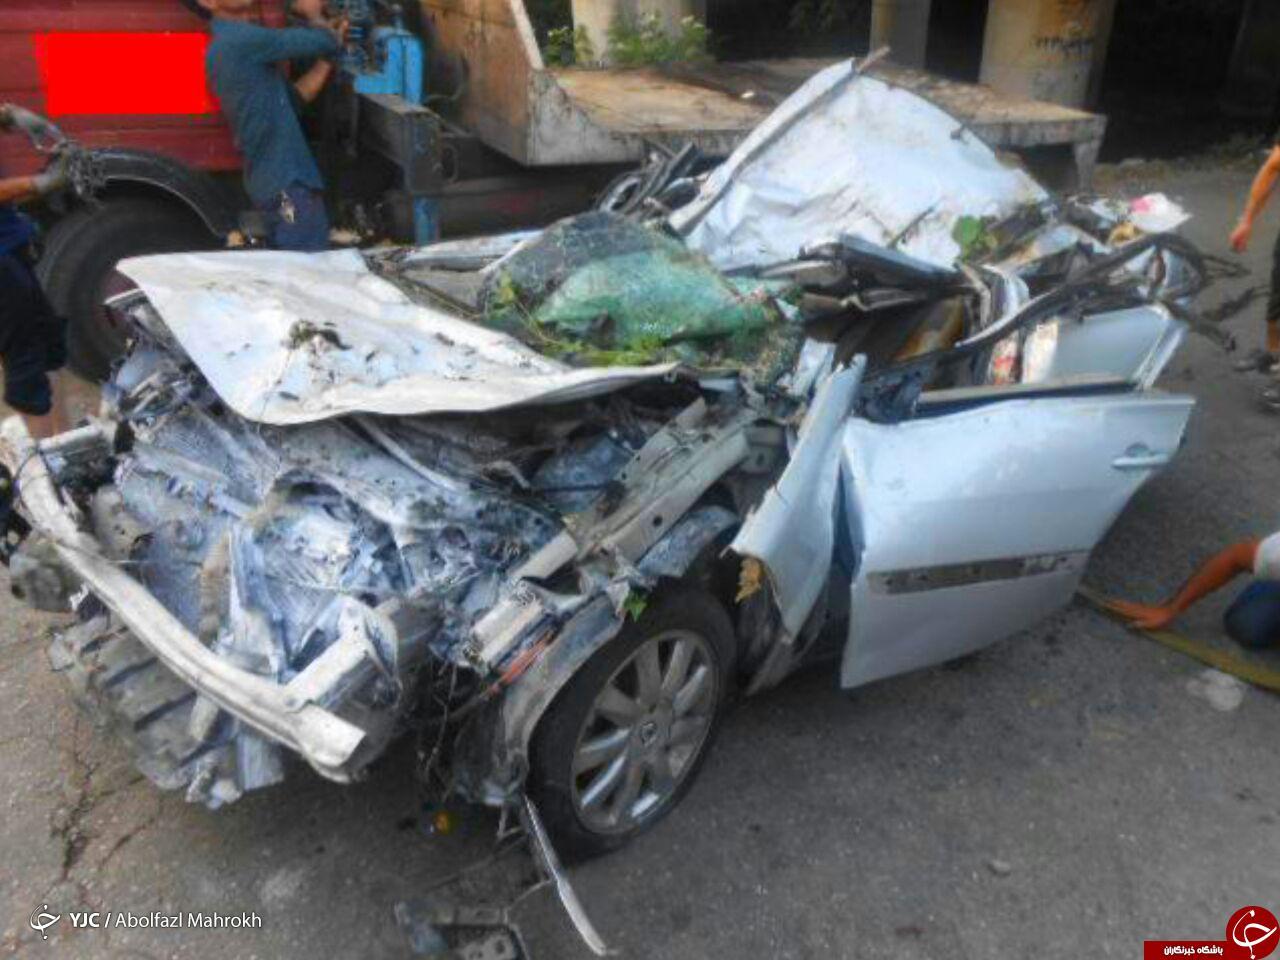 تصادف مرگبار خودروی مگان در رودسر + تصویر